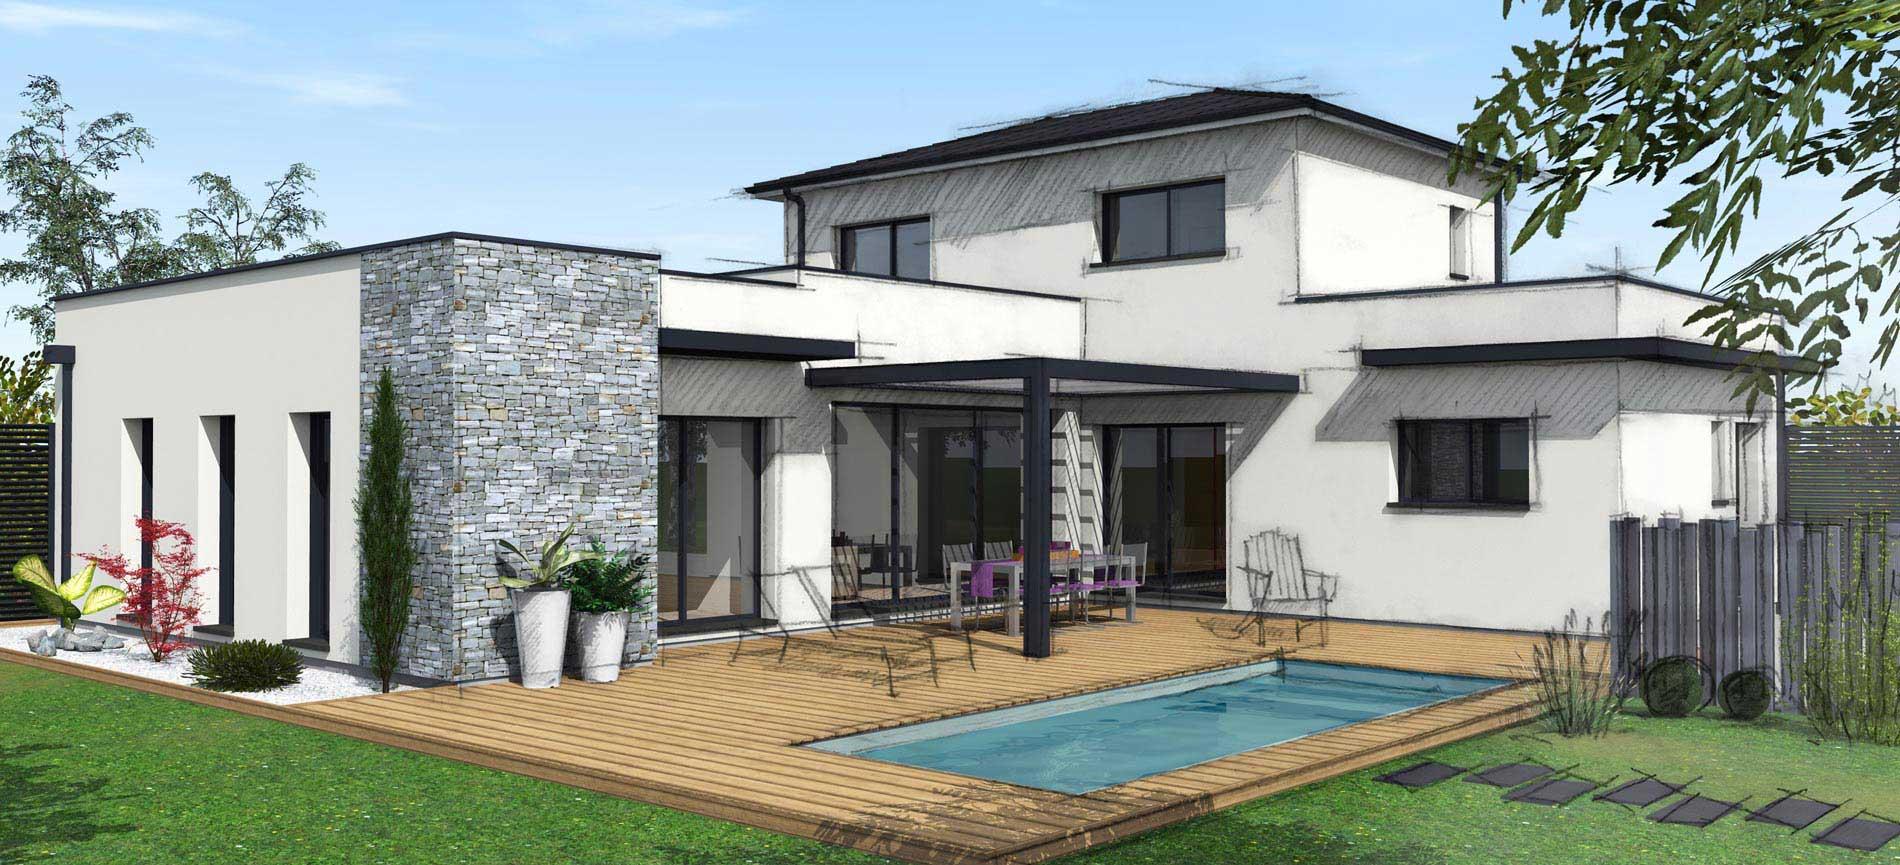 maisons bati sud constructeur maison individuelle gironde bordeaux. Black Bedroom Furniture Sets. Home Design Ideas